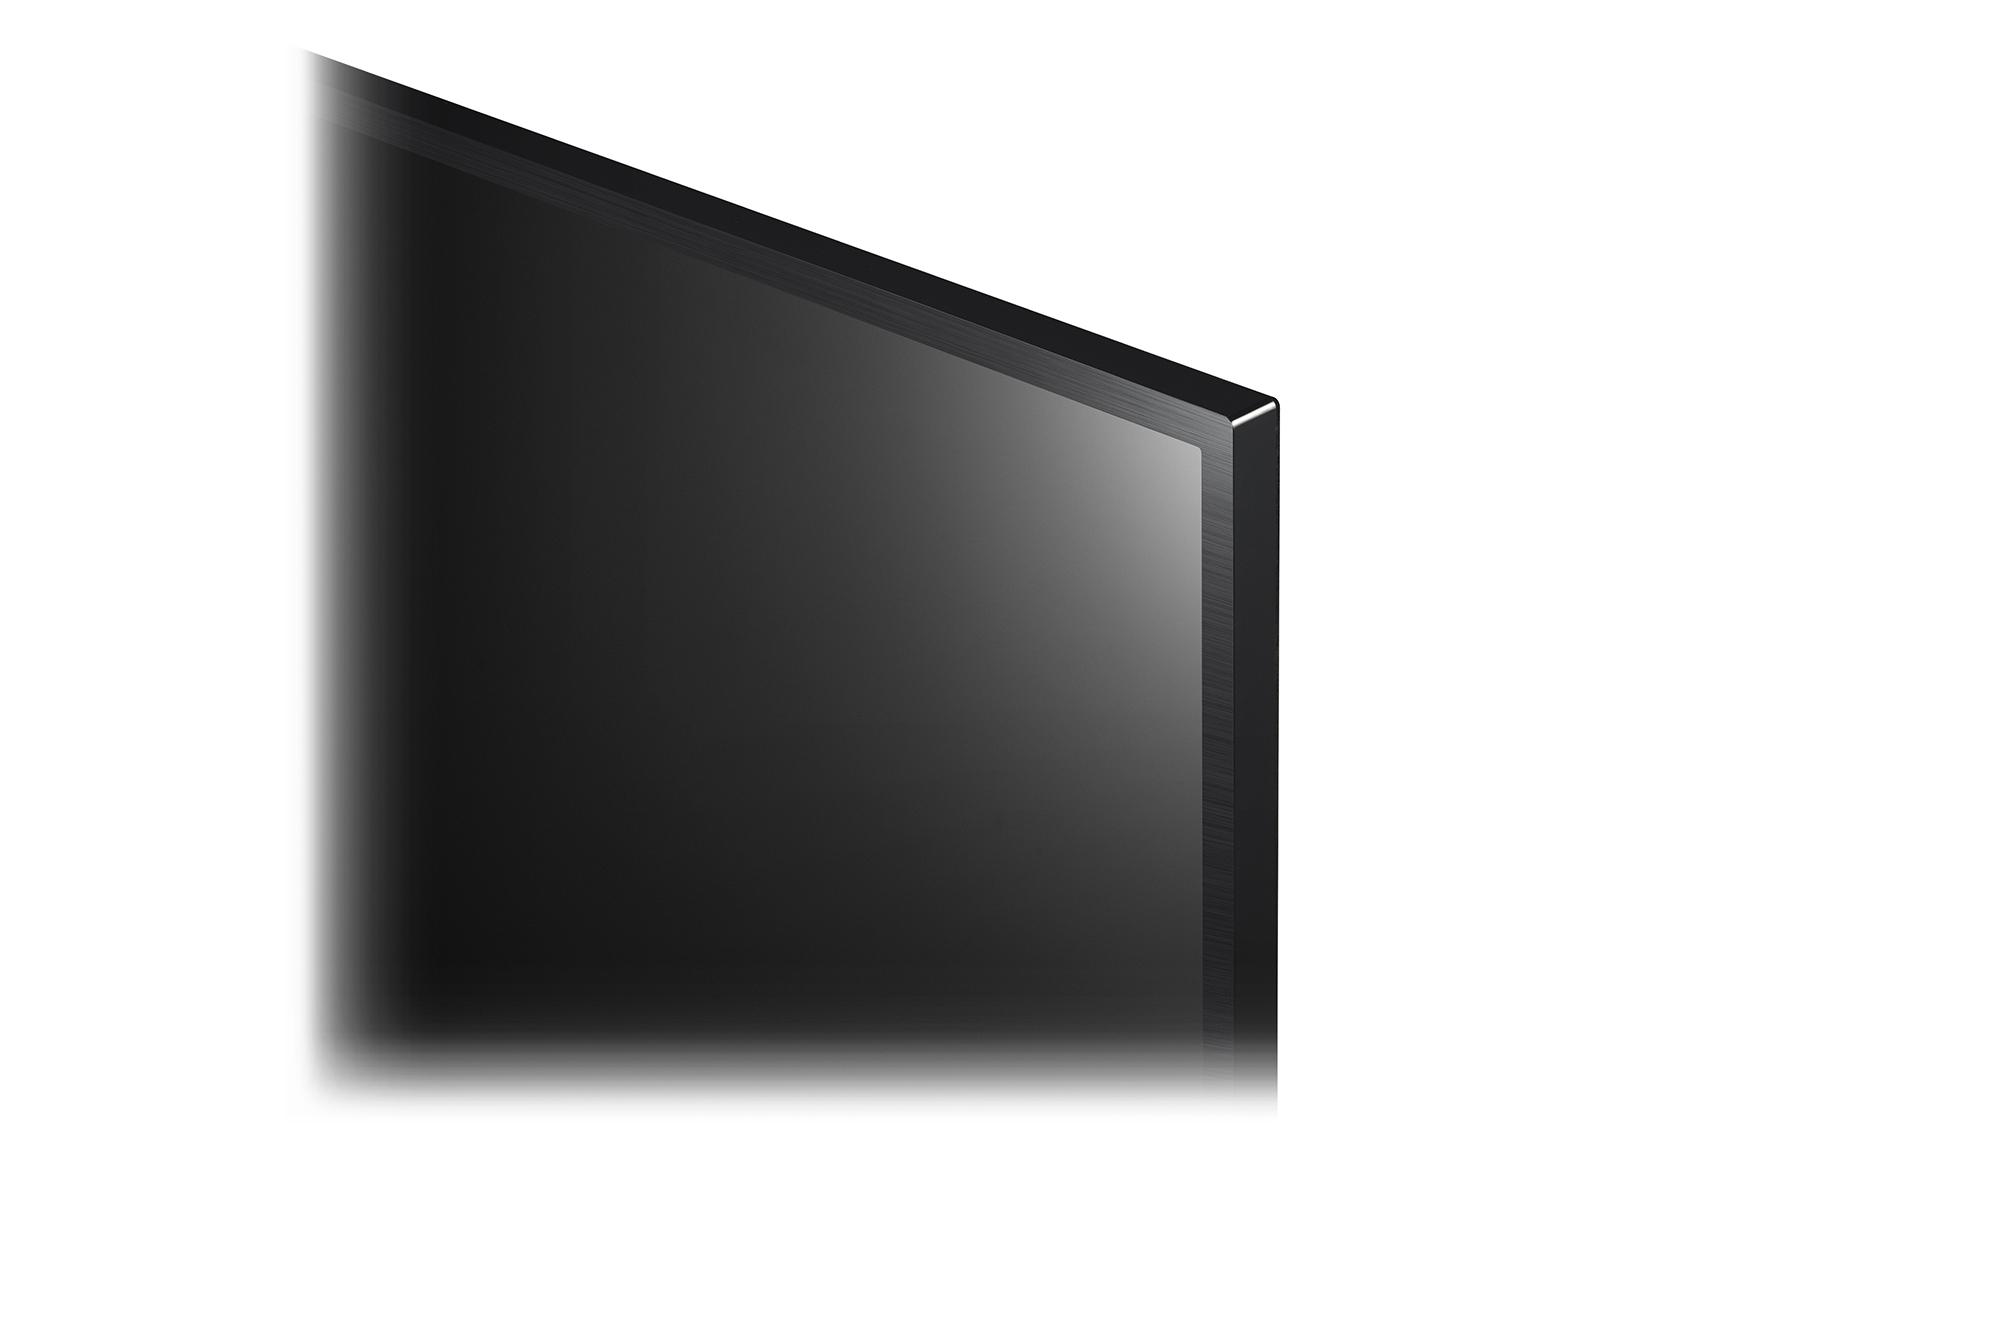 LG Standard Premium 43UL3G-B 10